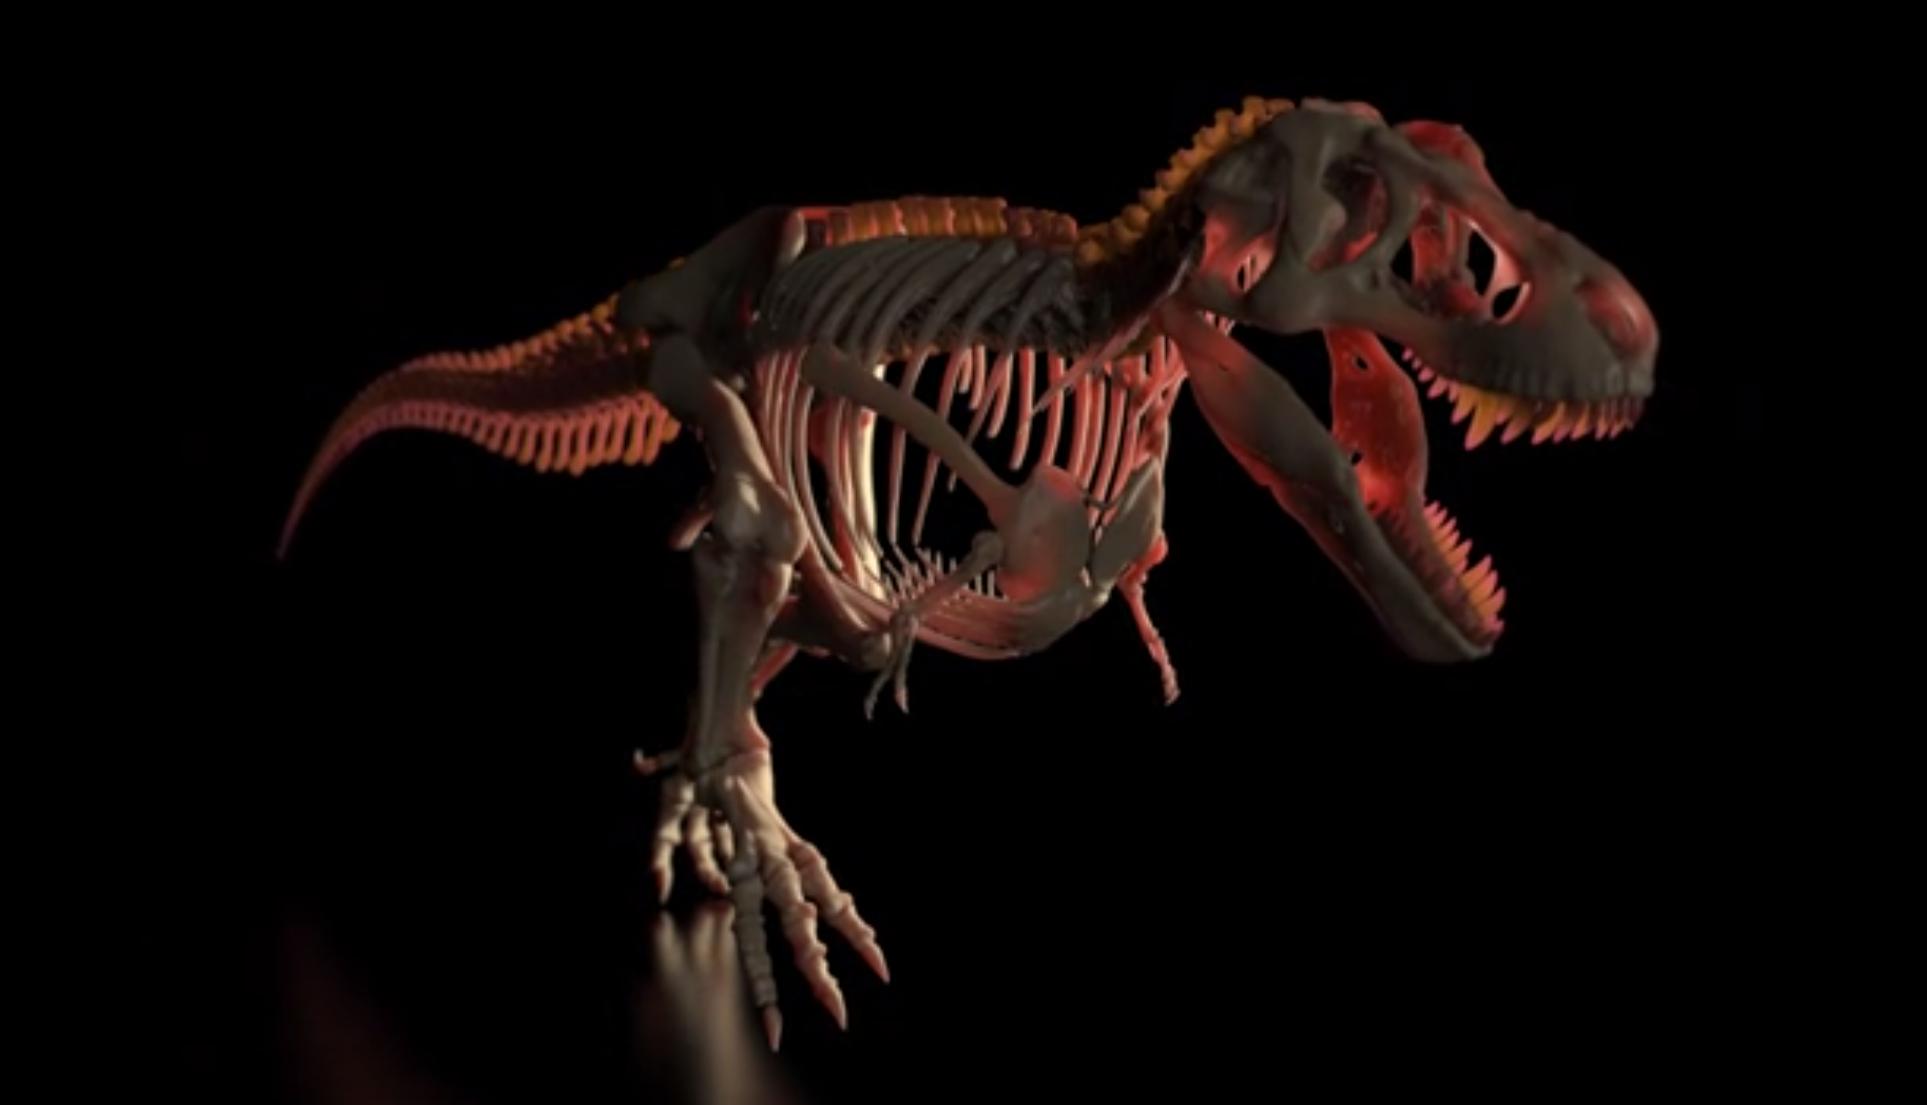 侏罗纪恐龙骨骼扫光keyshot动画